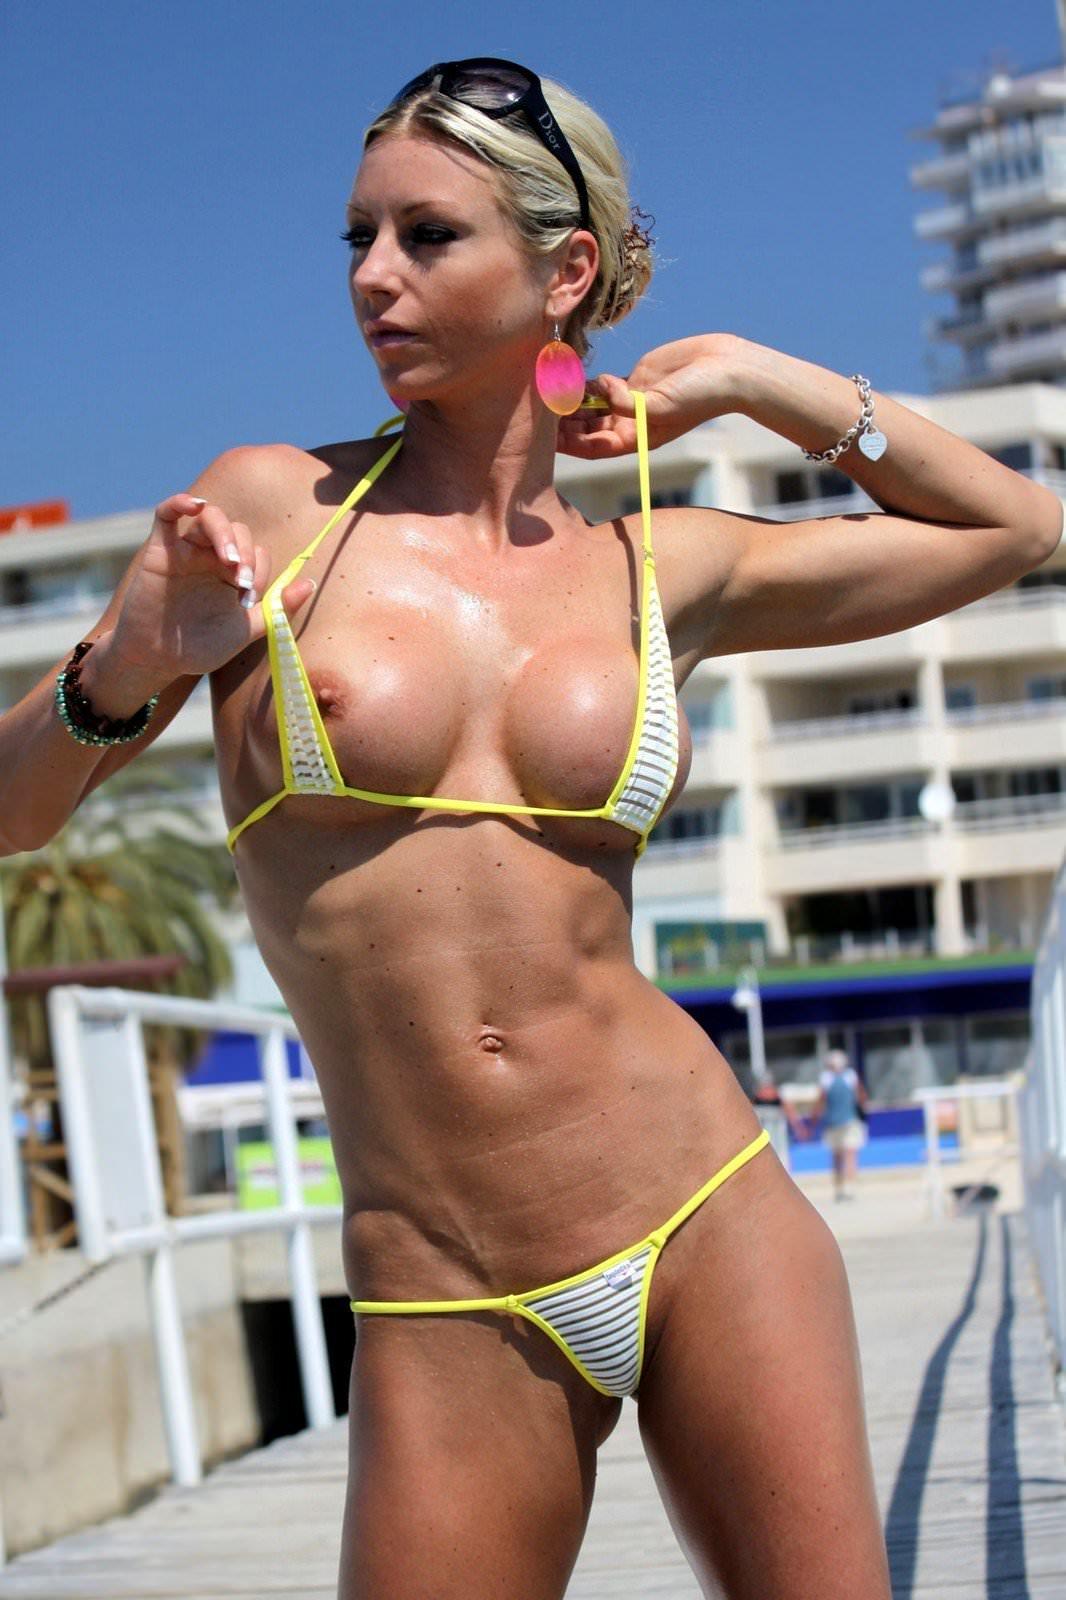 The Bikini